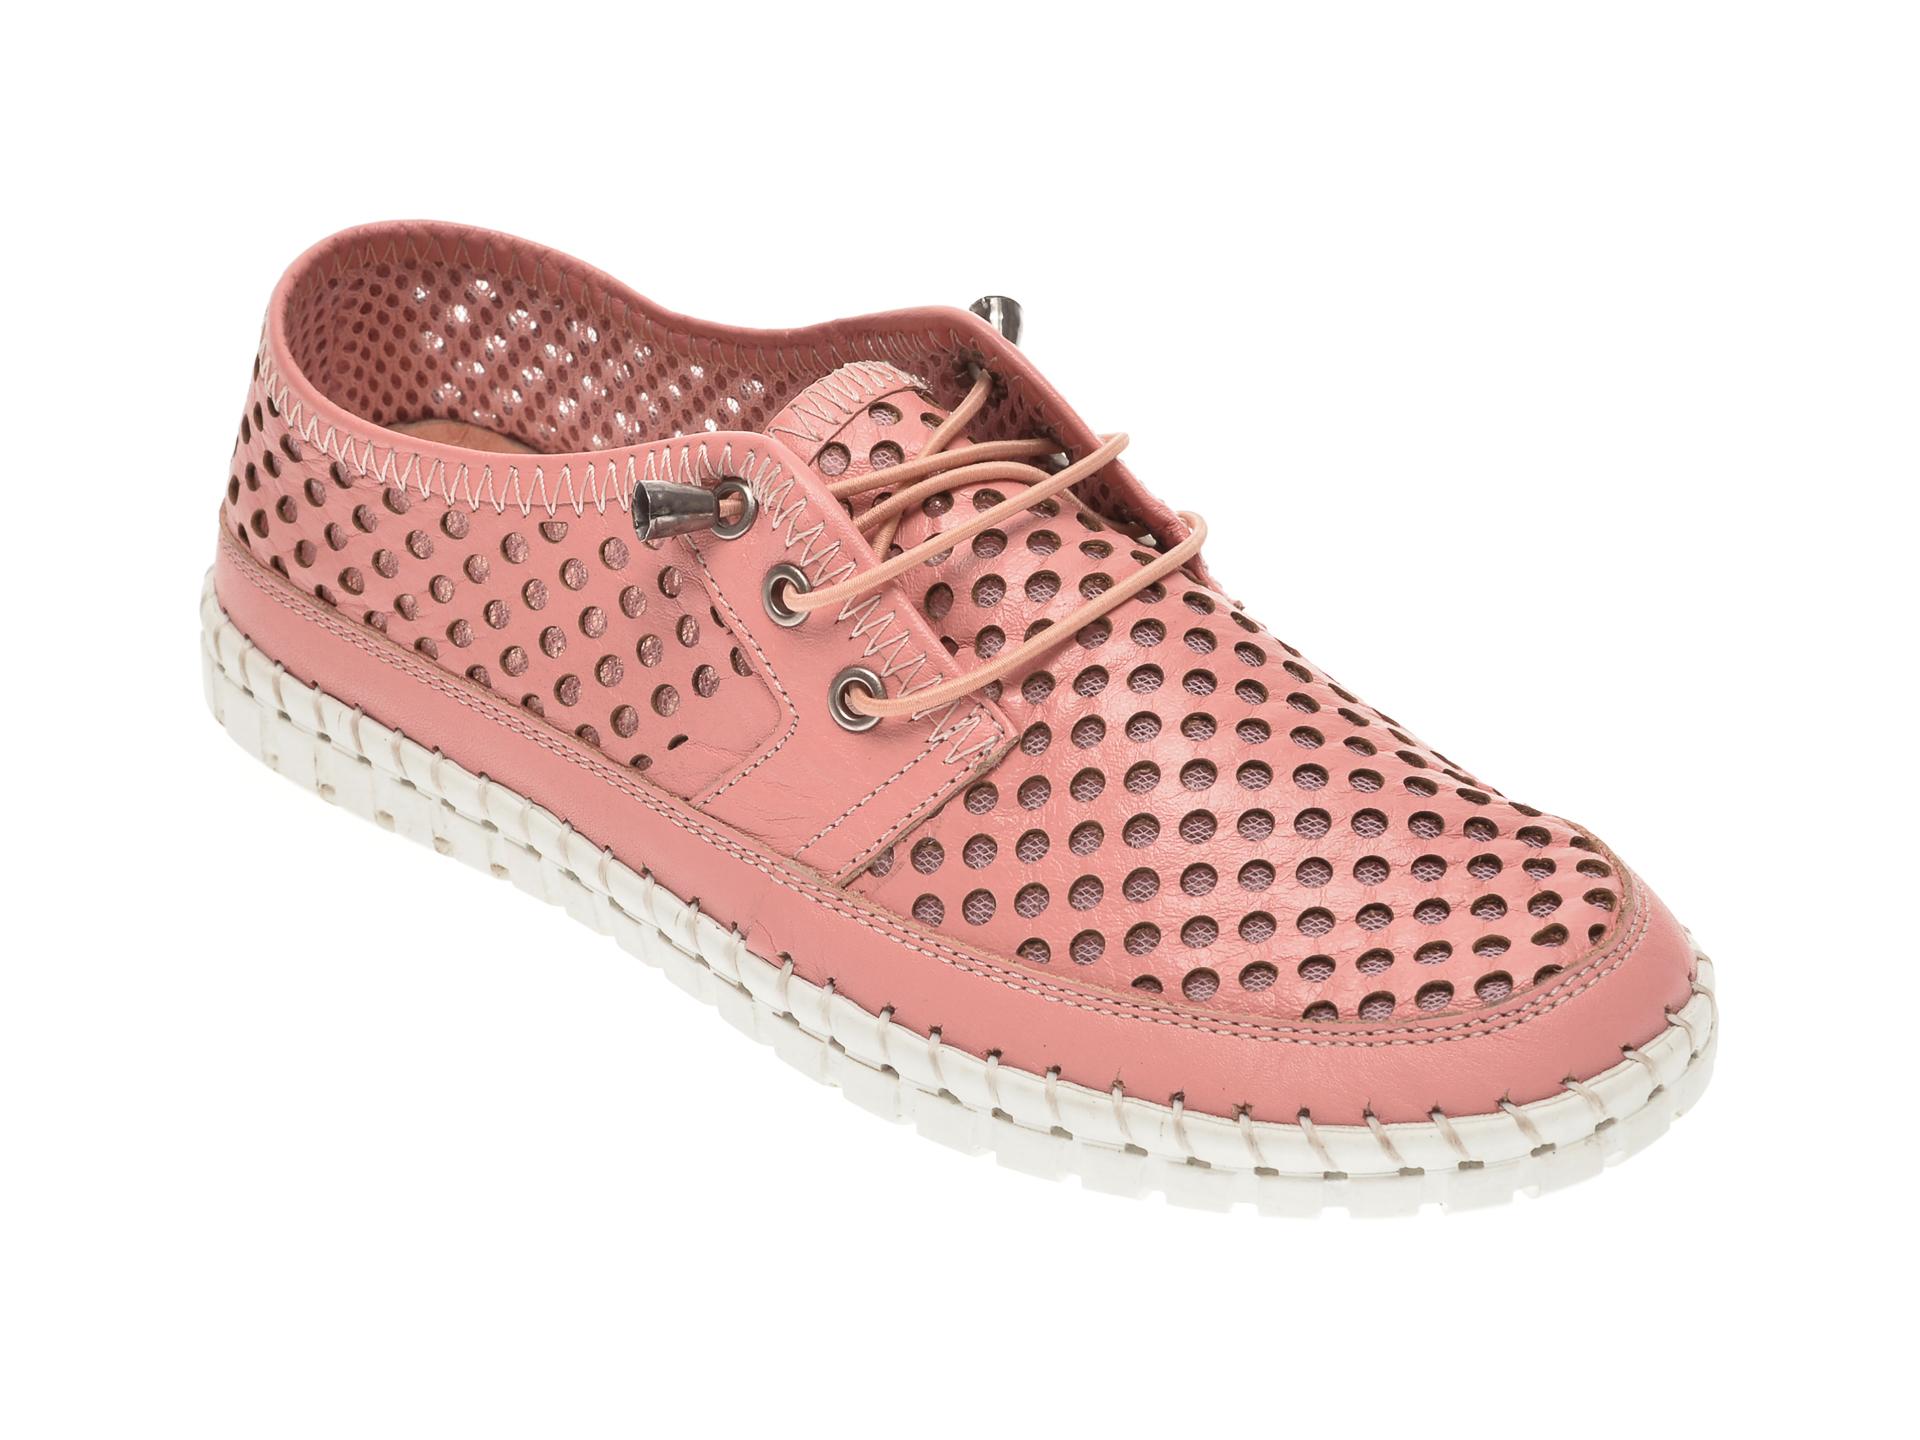 Pantofi PASS COLLECTION roz, 0590, din piele naturala New